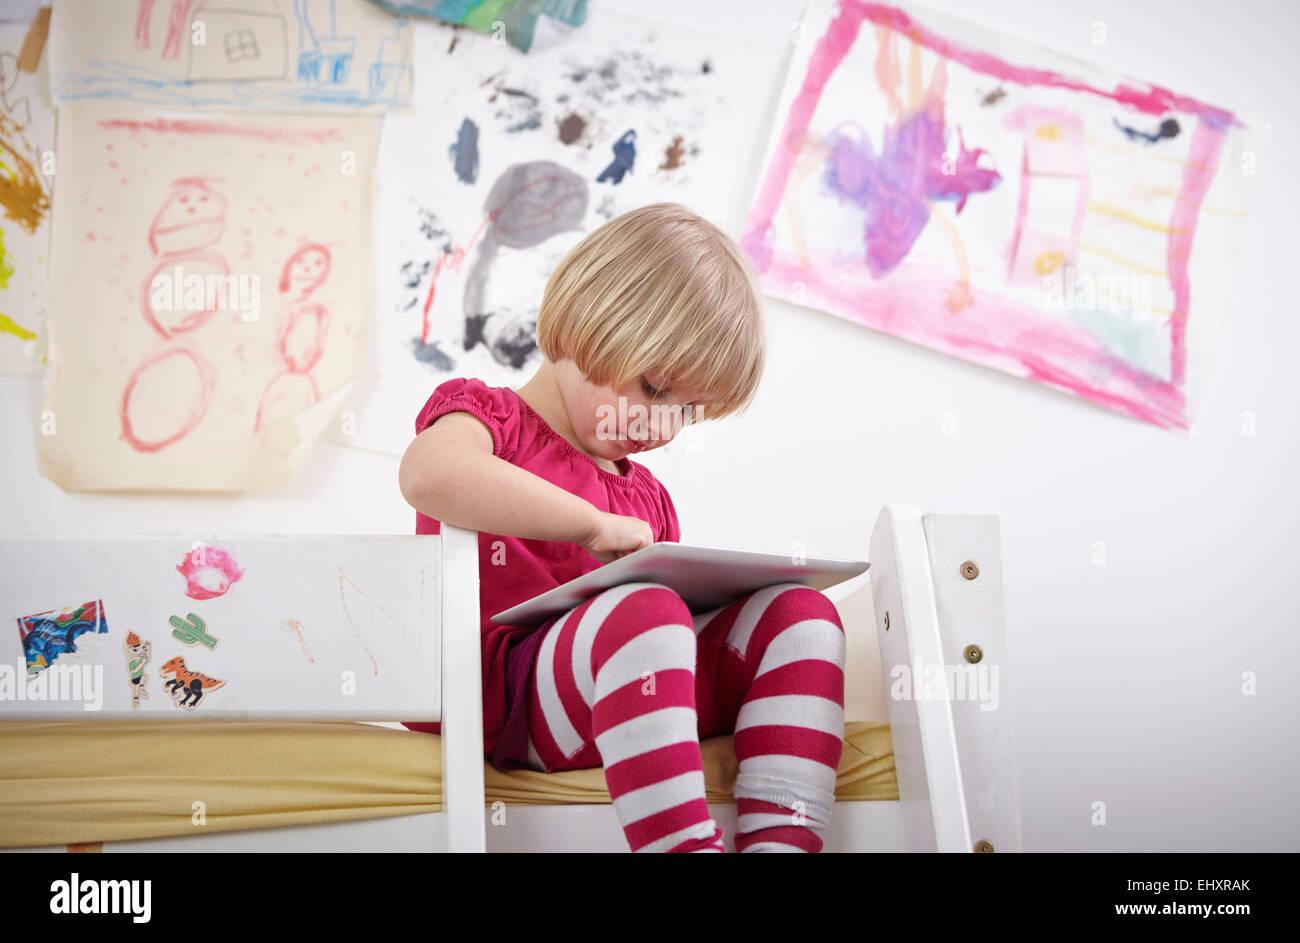 Etagenbett Mädchen : Kleines mädchen sitzt auf etagenbett zeichnung touch pad